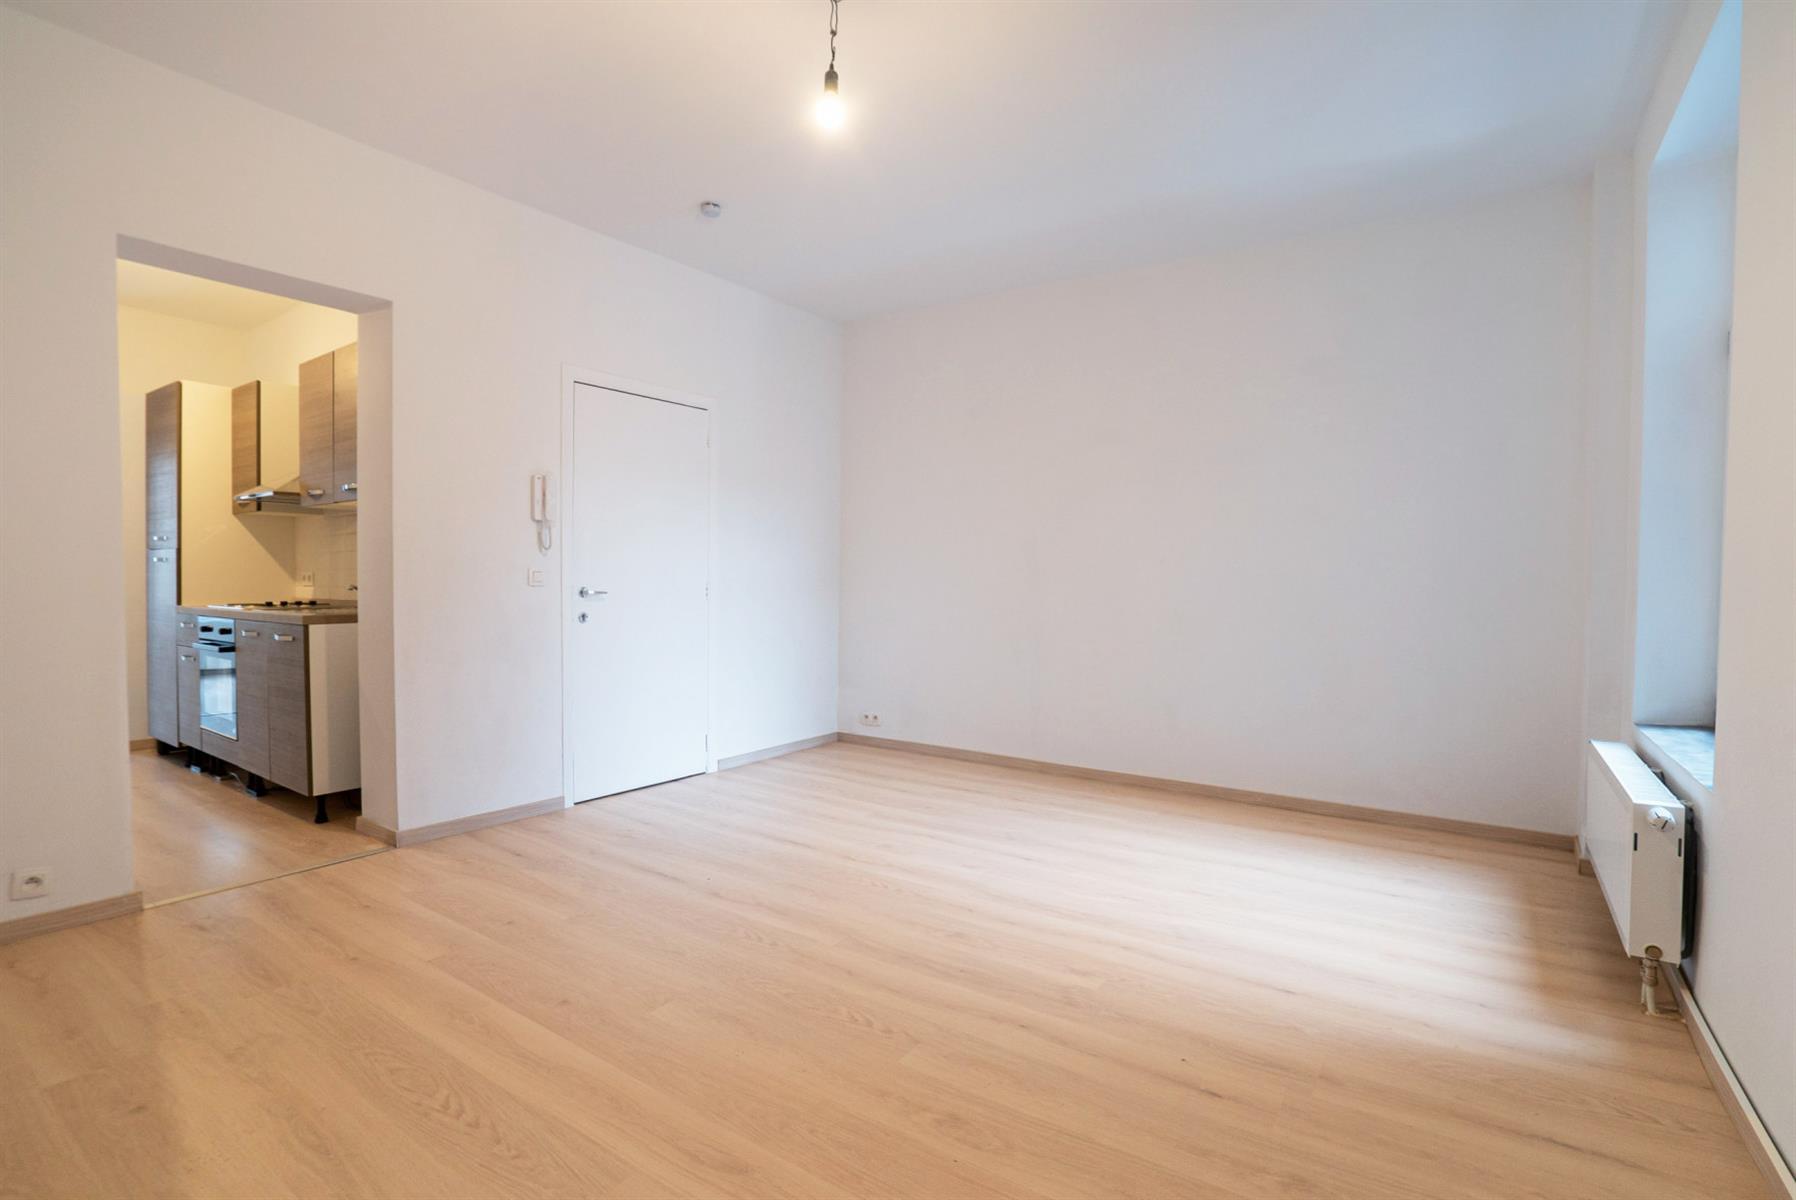 Appartement - Verviers - #4238531-1